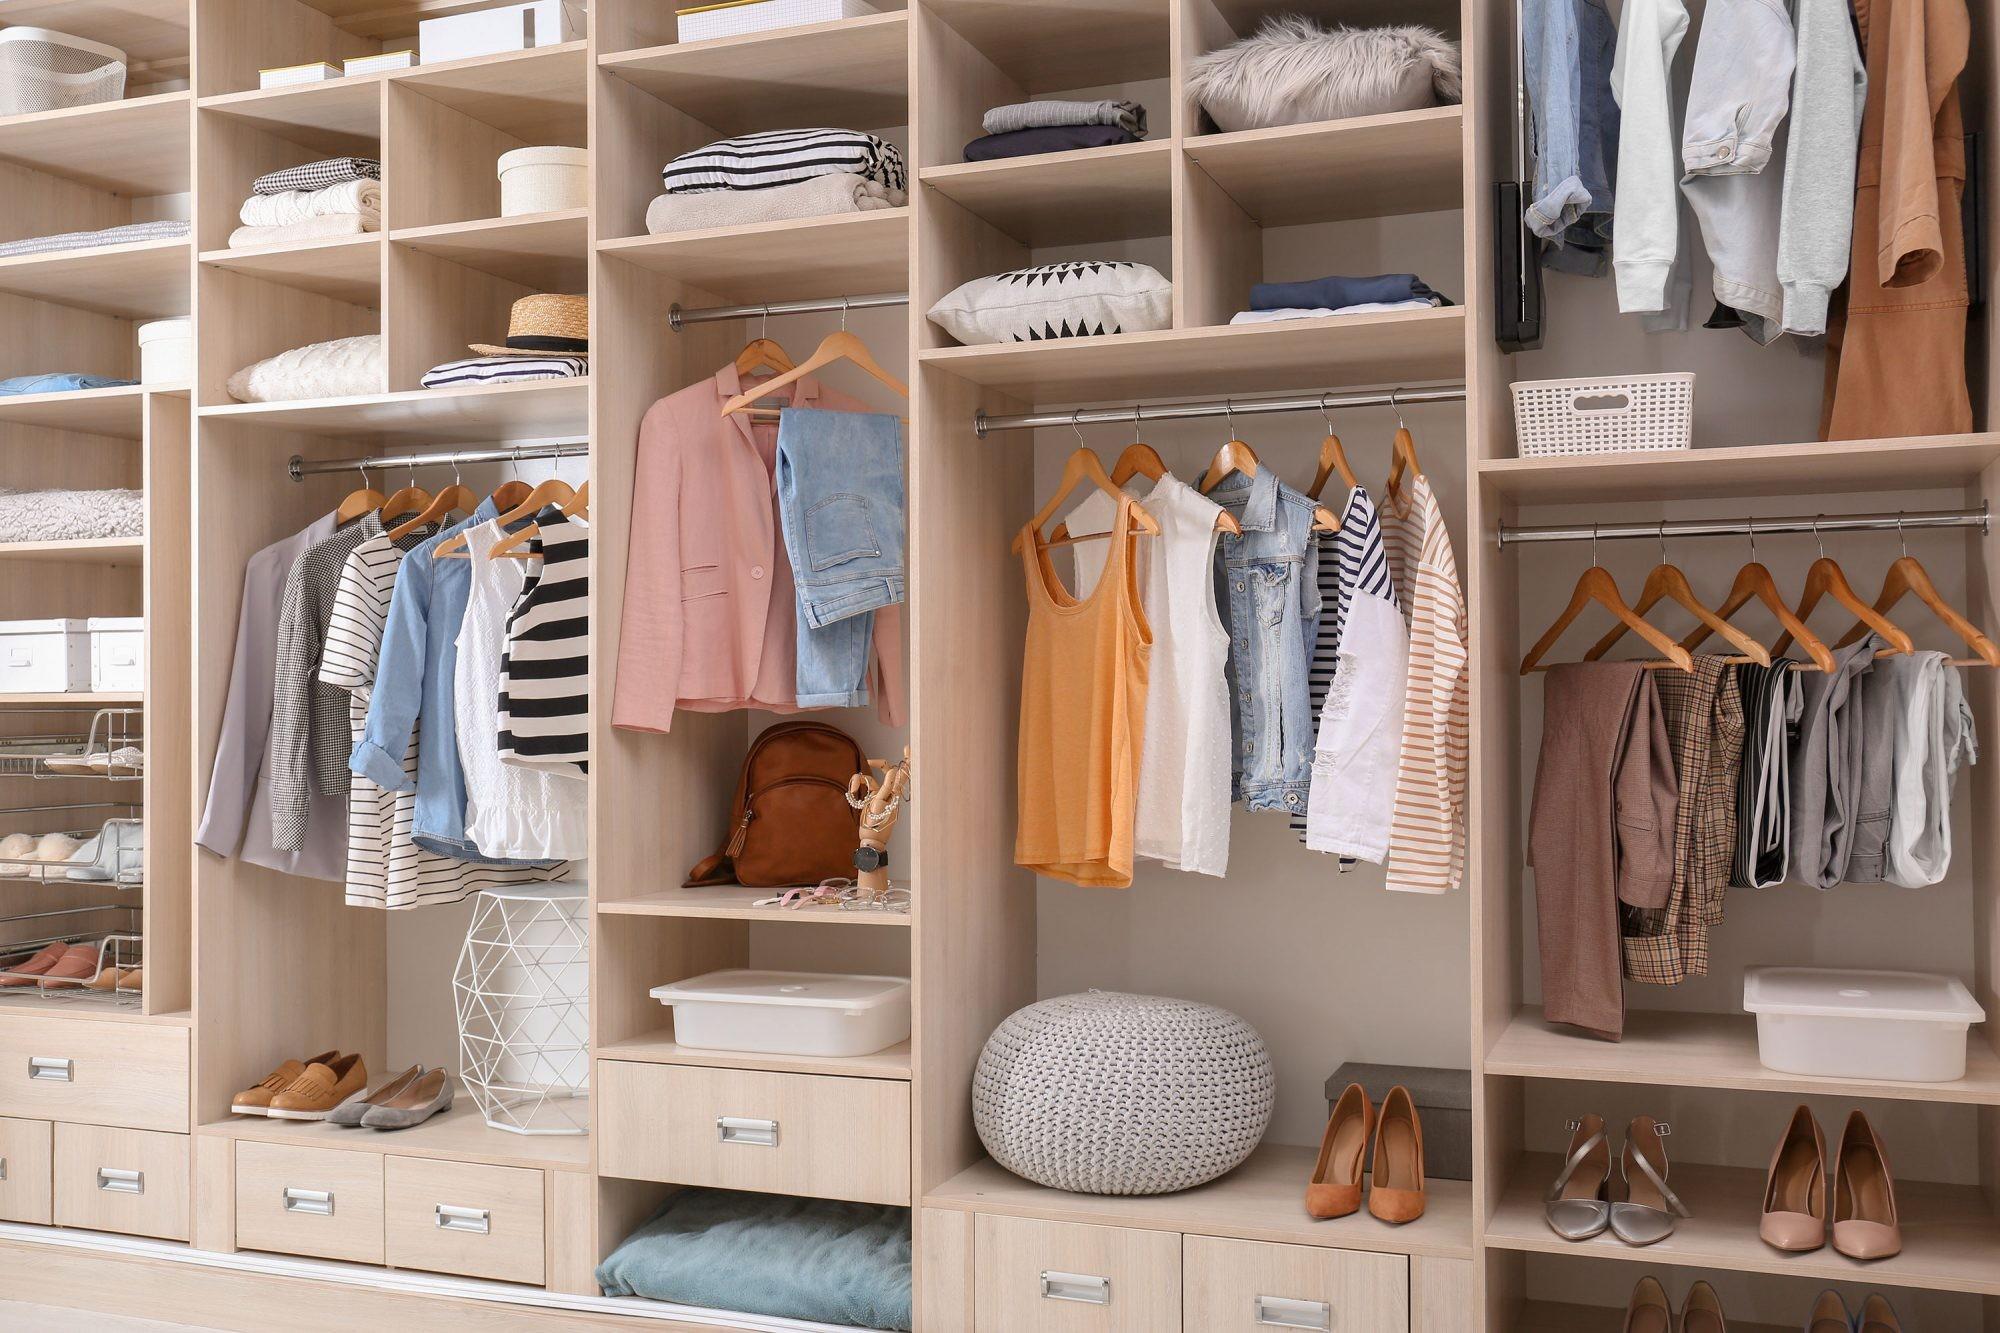 أفكار لتقسيم خزانة الملابس من الداخل- الخزائن المفتوحة